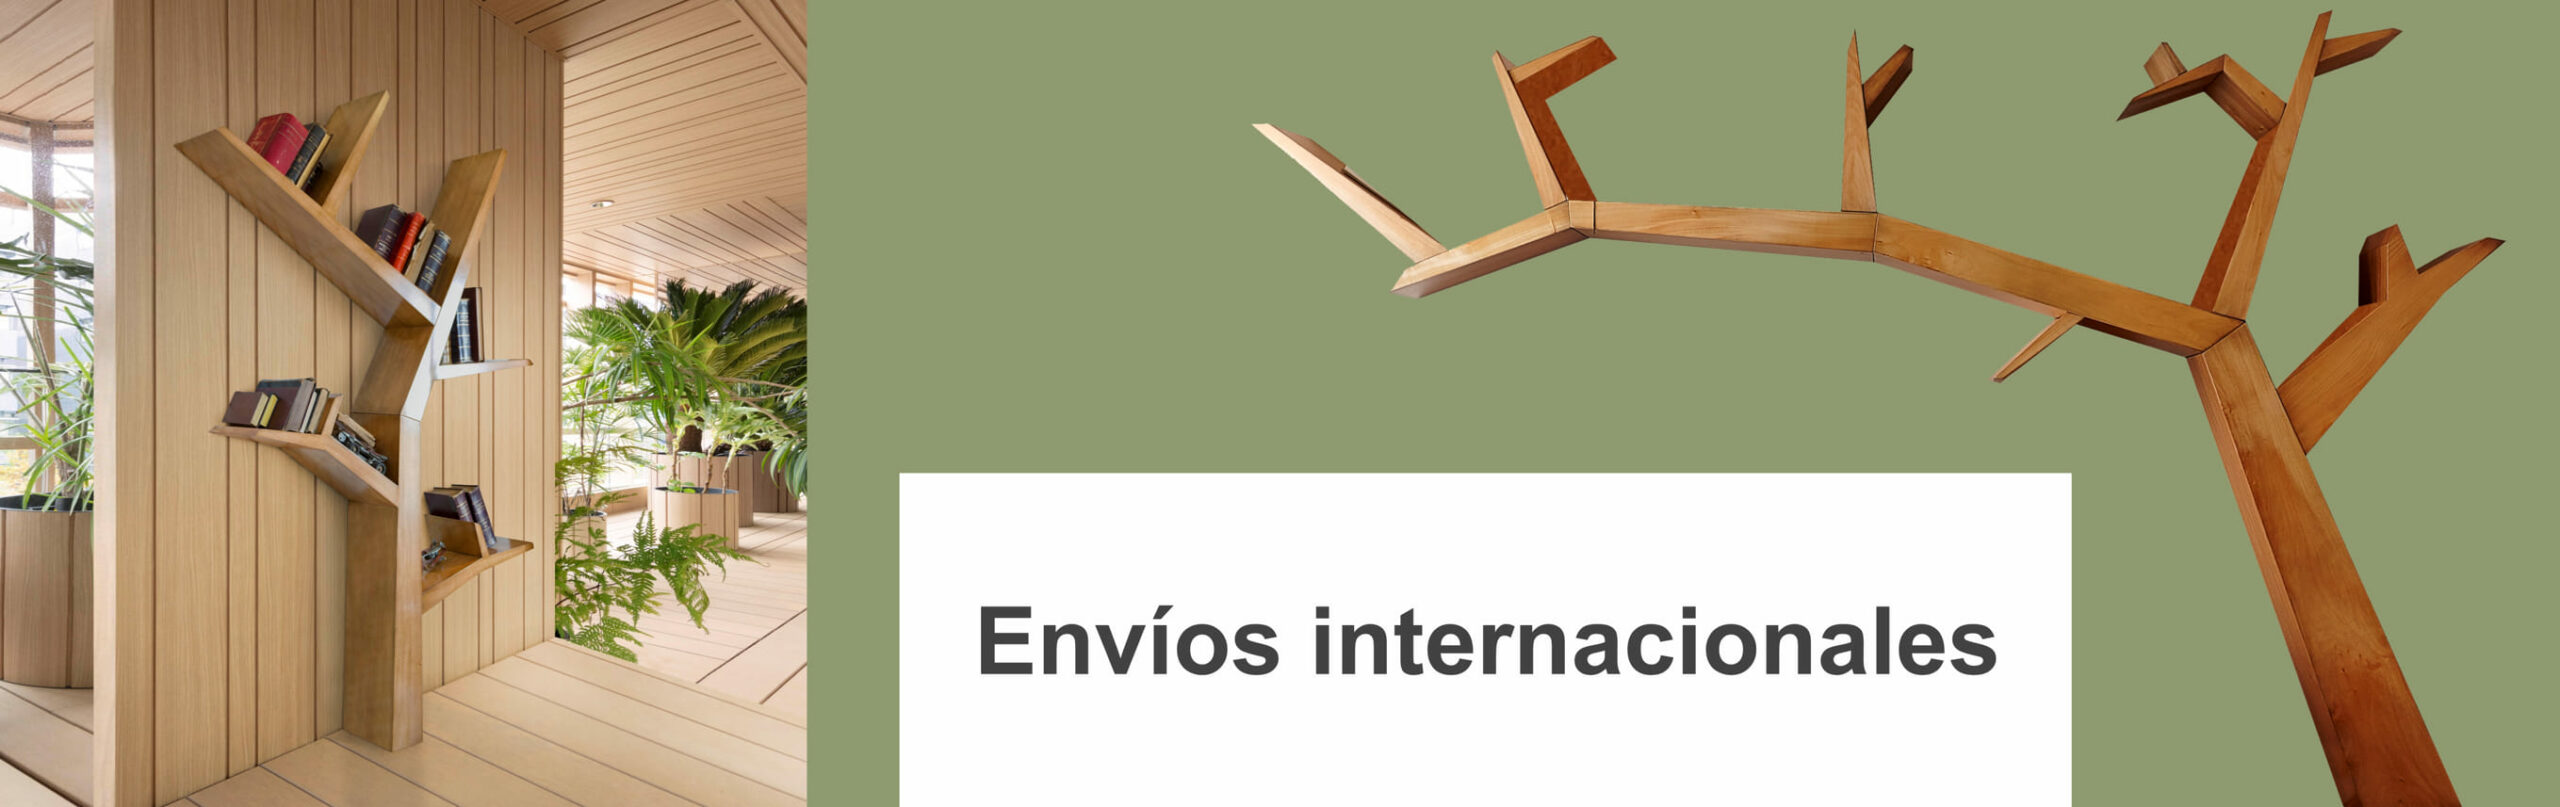 cabecera web agosto 2021 ARBOL español